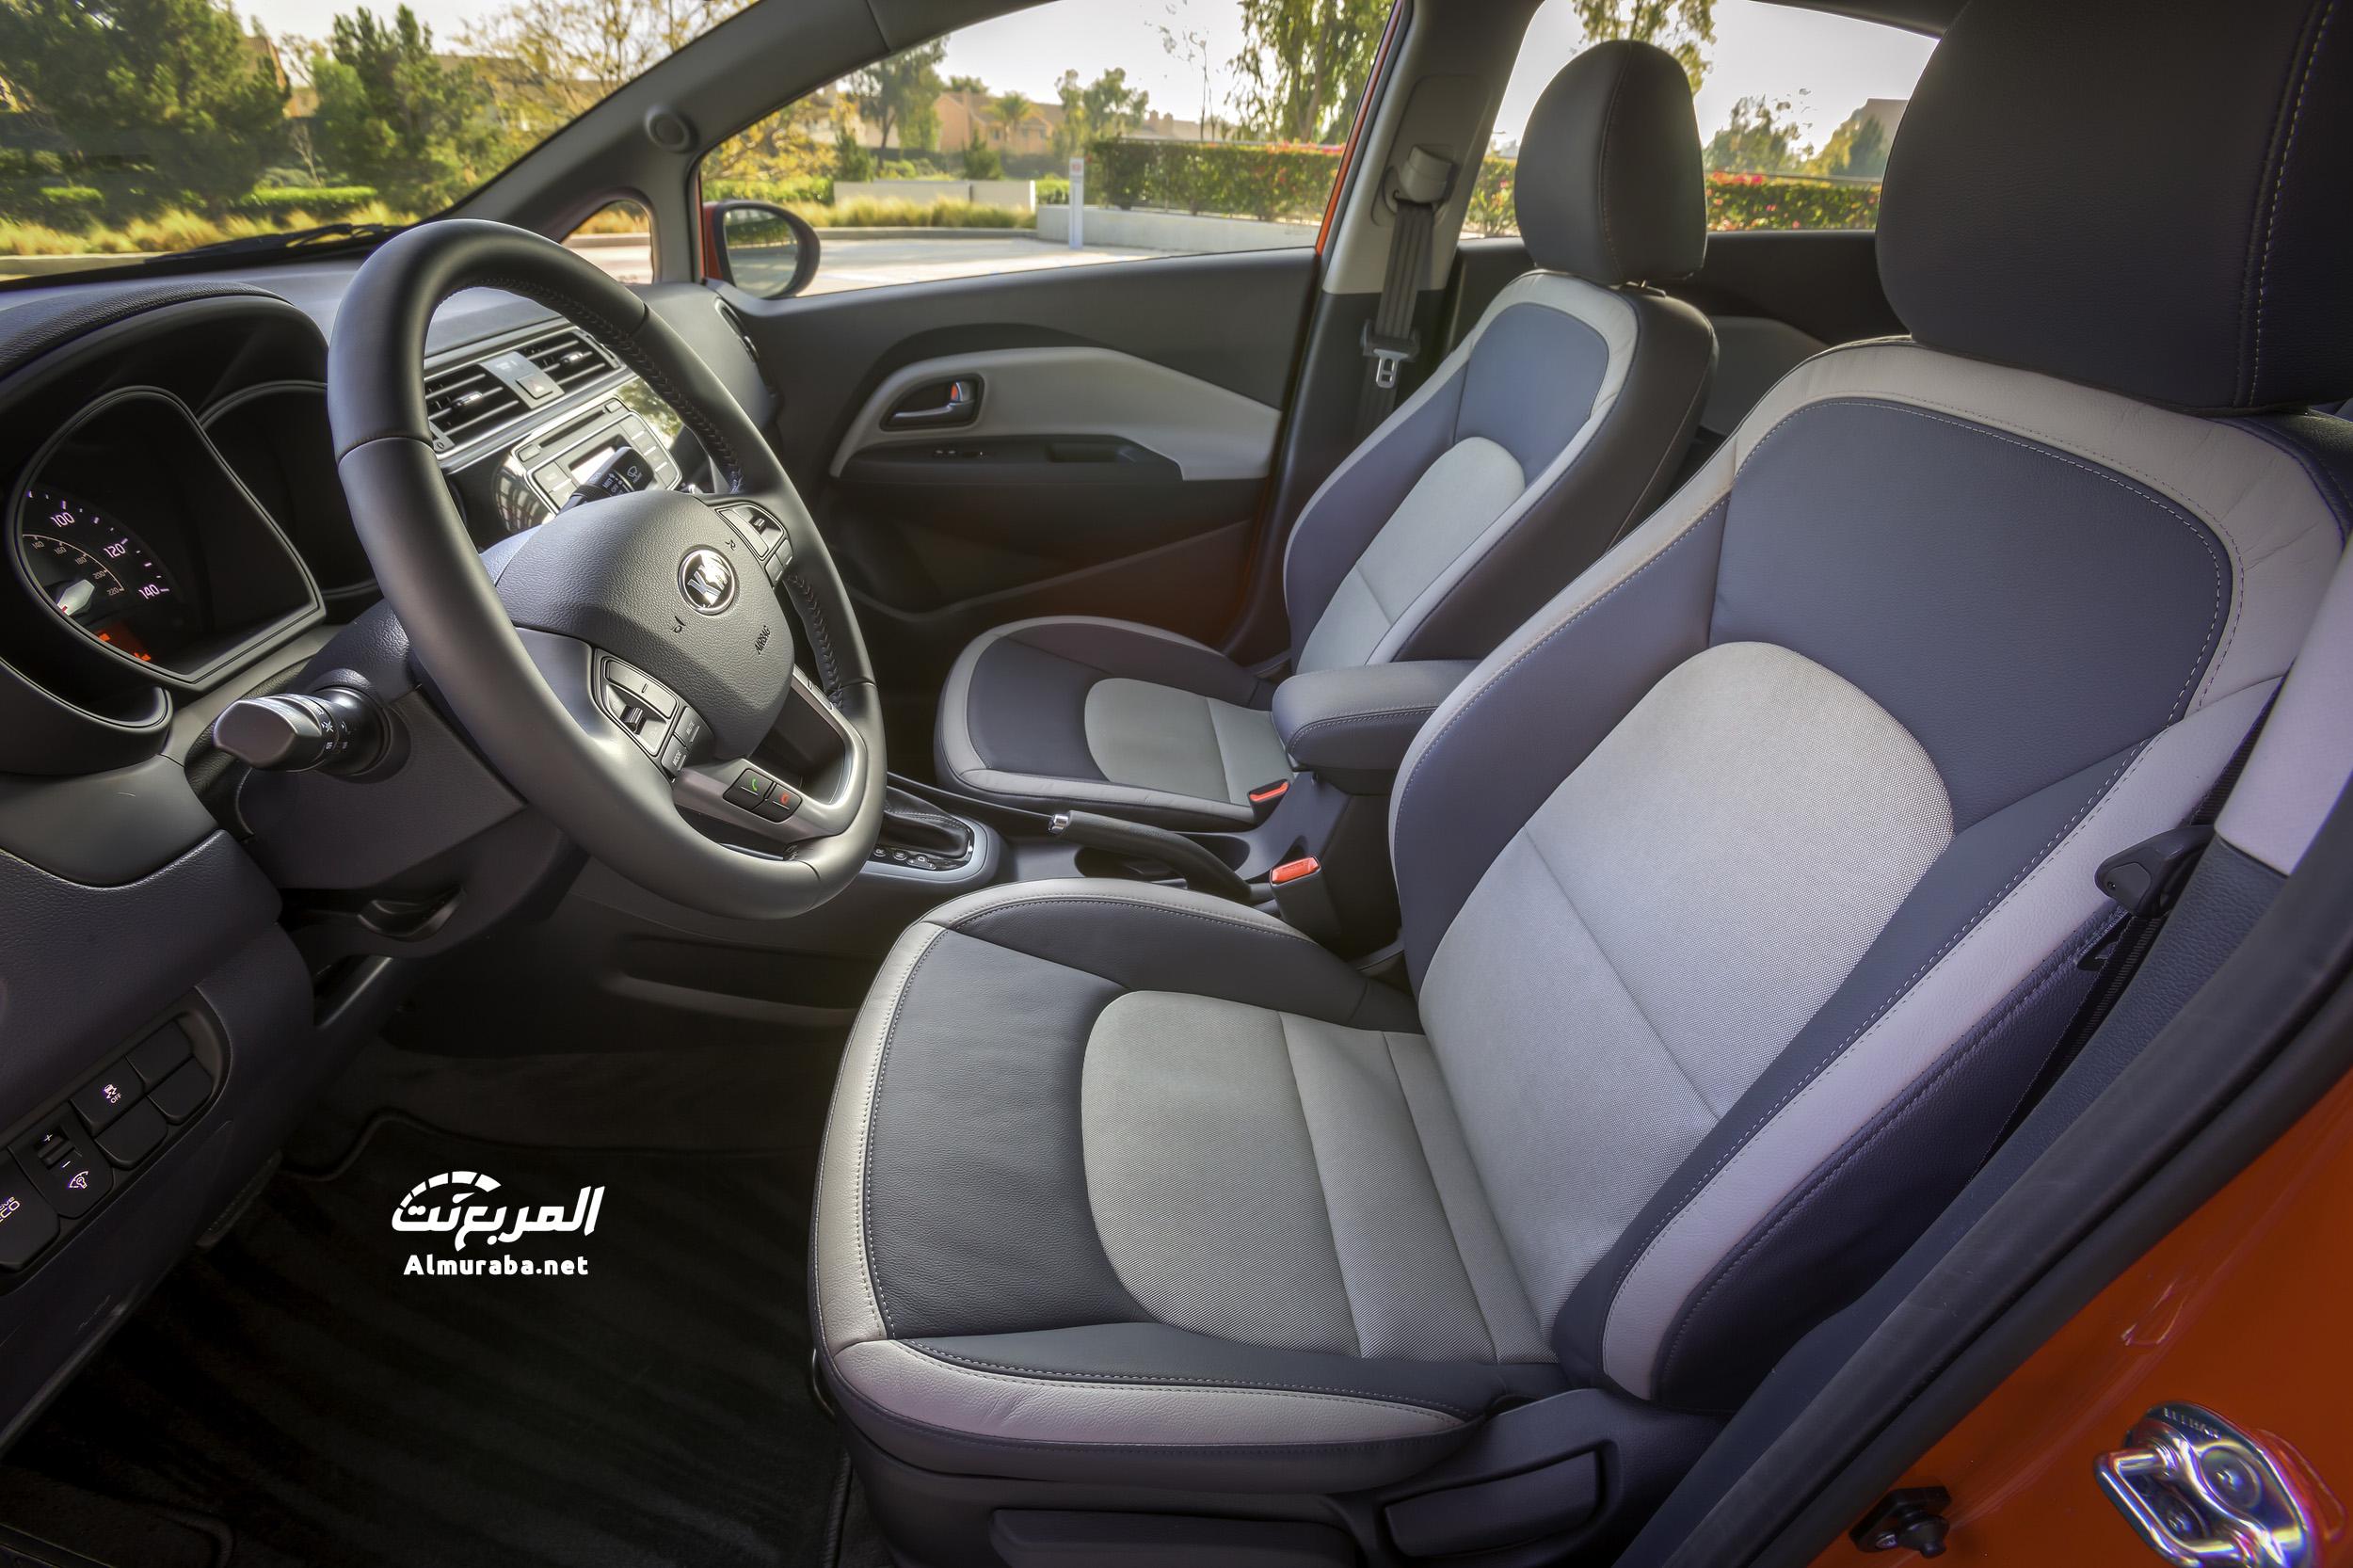 Kia Optima Top View besides Kia Forte Door Coupe Auto Sx Steering Wheel L additionally Kia Rio Door Lx moreover Gaz A F Ab C Daf B Dc D Ab in addition Kia Rio Frontseat. on 2015 kia rio sx